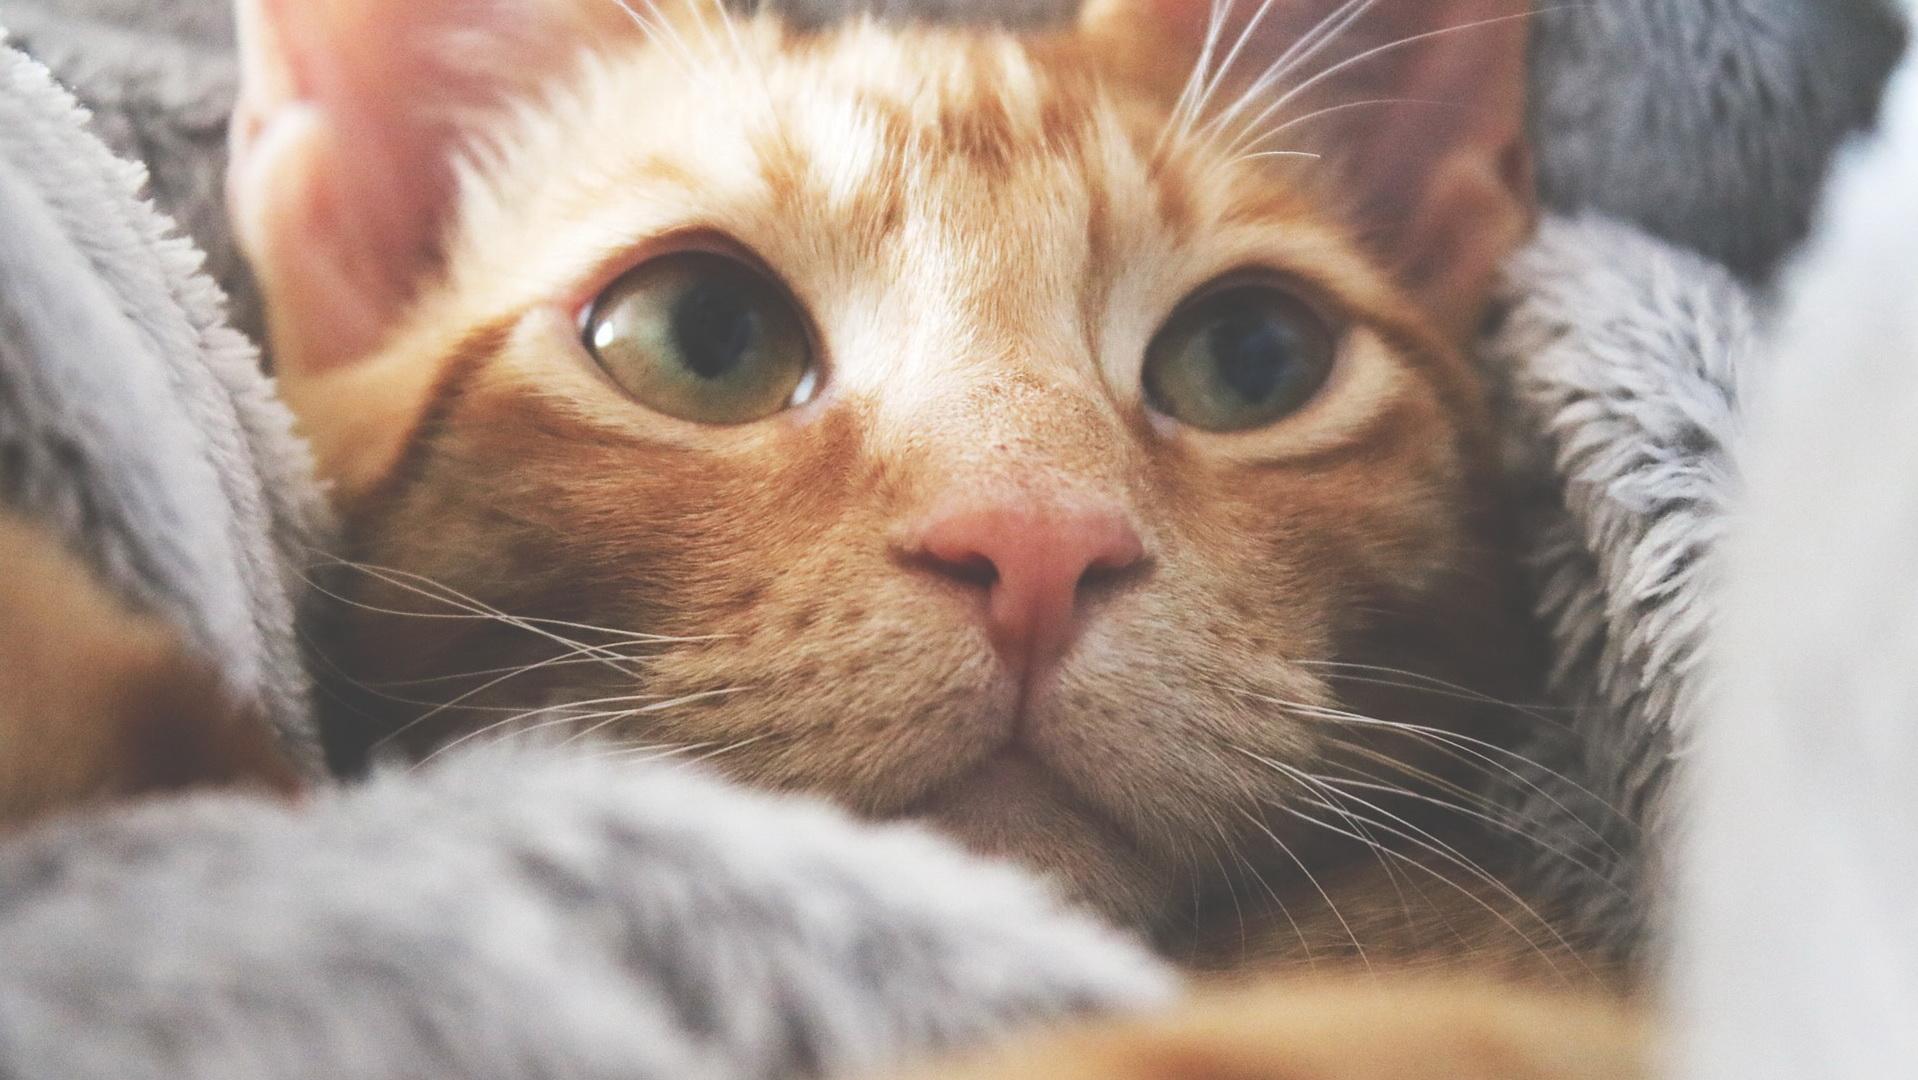 Mačka leži na krevetu ušuškana u ćebe